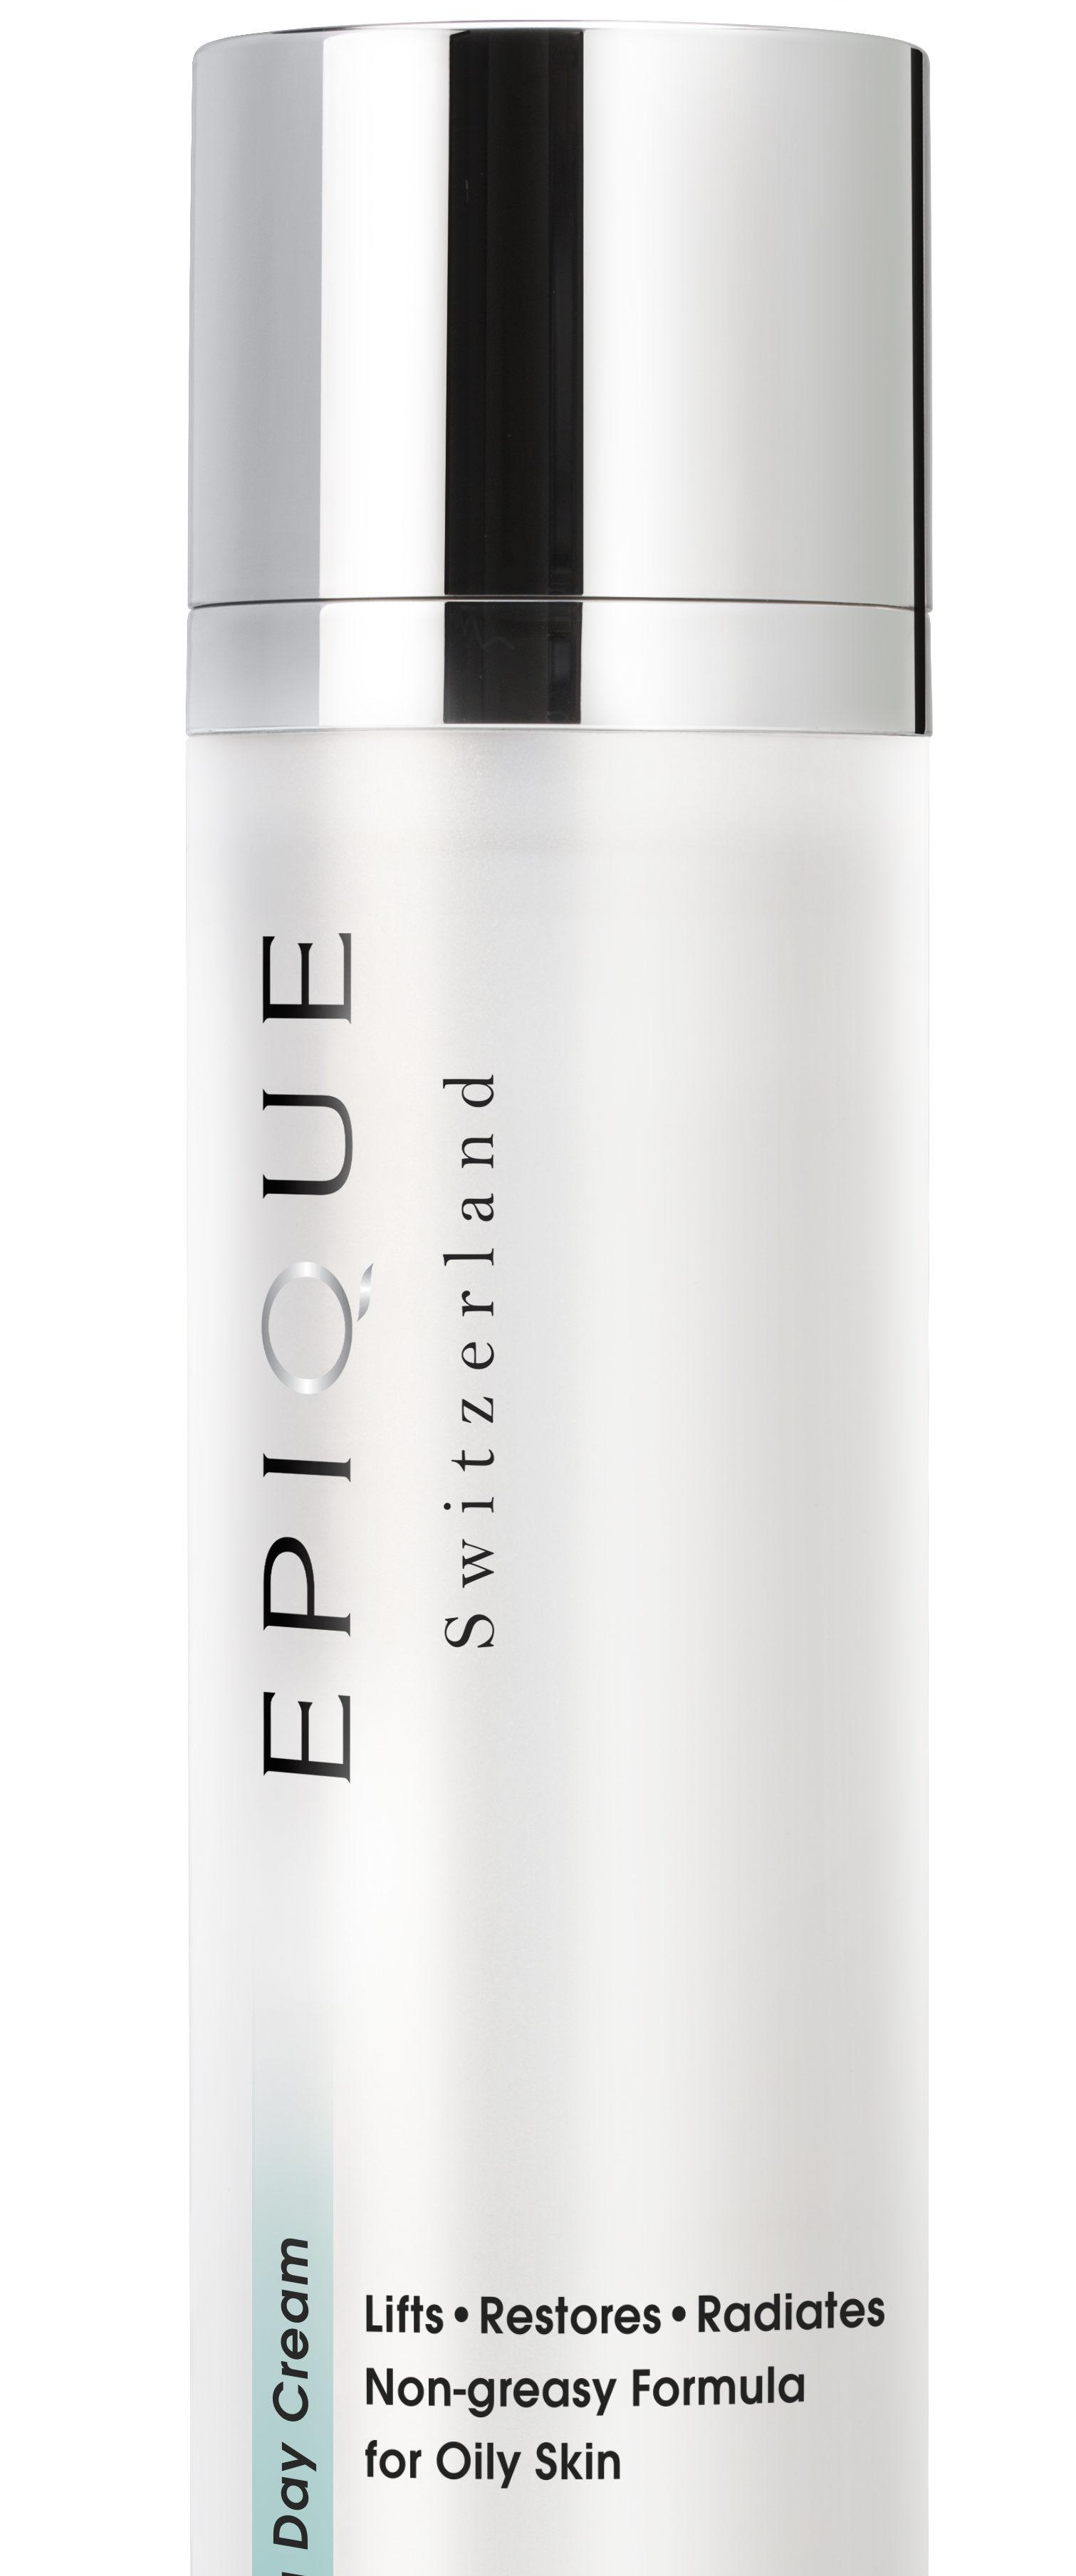 Re-balance your Oily skin: Epique Day Balancing Cream.